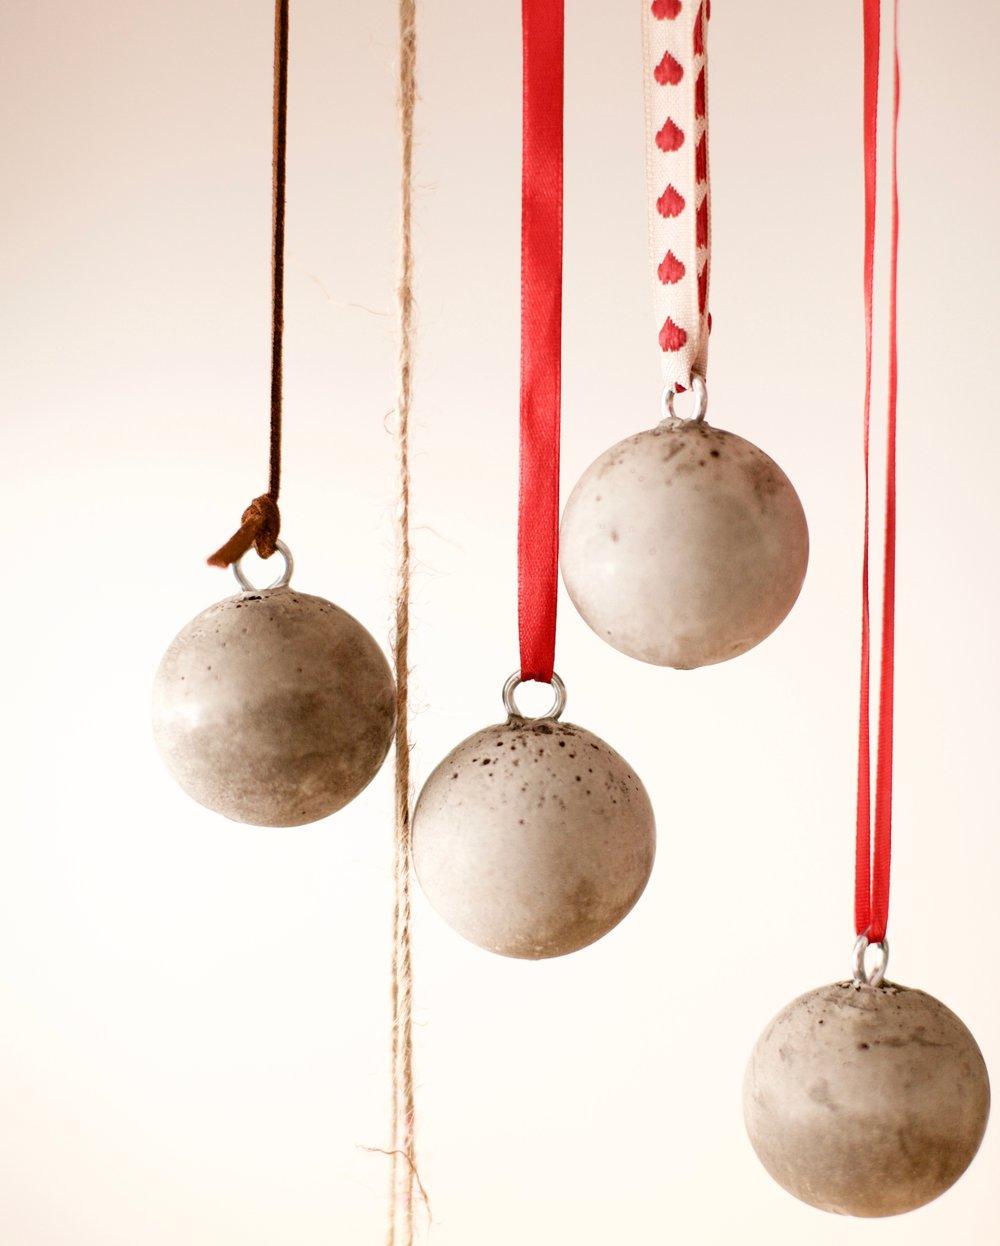 """Julekula Ulla - Julekula Ulla er ikke så tung som man kanskje tror - hun er av den tøffe og røffe julepynten. Men, Ulla kan også ta på """"sommerdrakten"""" i form av ny sløyfe og dermed henge hele året. Test henne gjerne både på et tre og i et vindu.Diameter ca 4 cm og vekt ca 60 gr.Pris kr 70,- pr stk."""